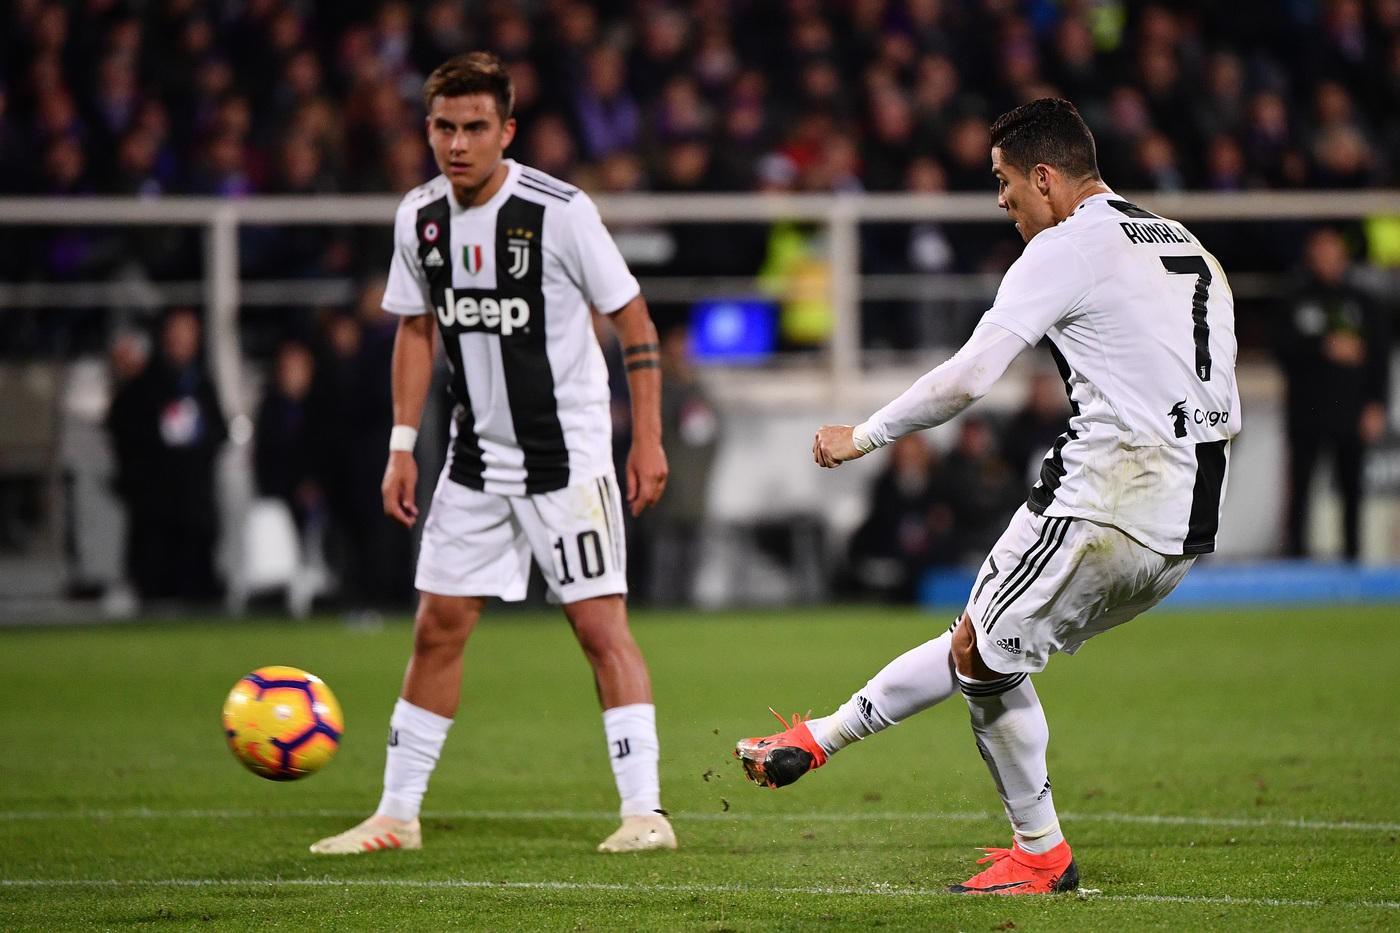 Ronaldo san bằng kỷ lục 60 năm và những điểm nhấn từ trận Fiorentina - Juventus - Ảnh 1.